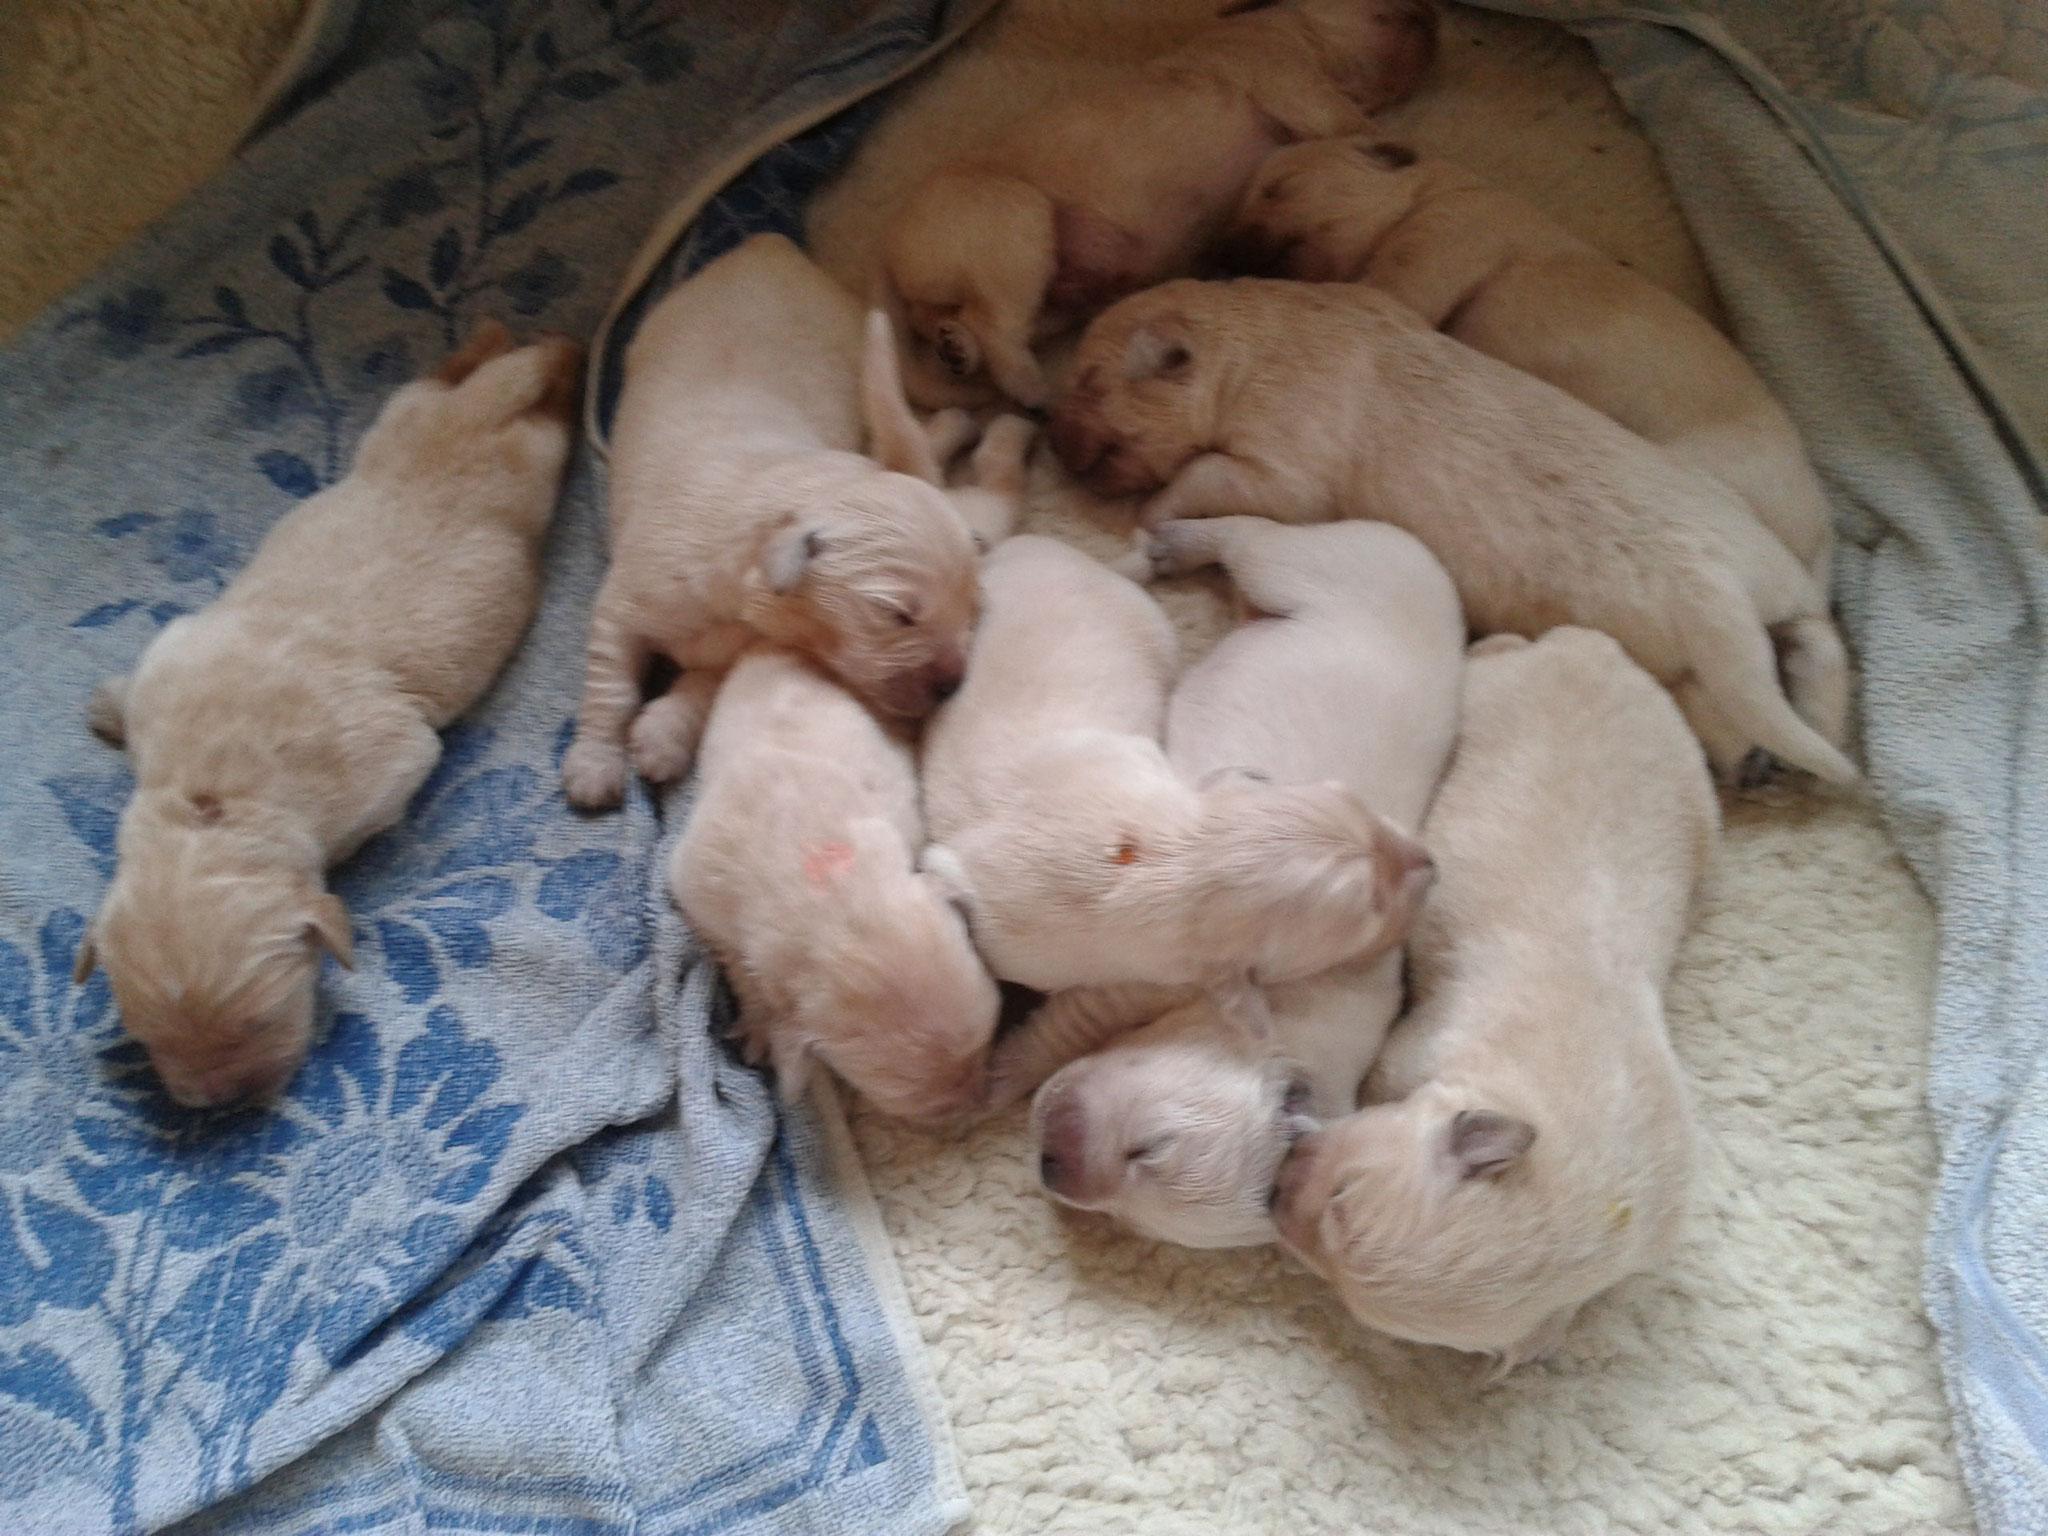 Die ganze schlafende Bande (1 Woche alt; Xani ist die mit dem orangenen Punkt)